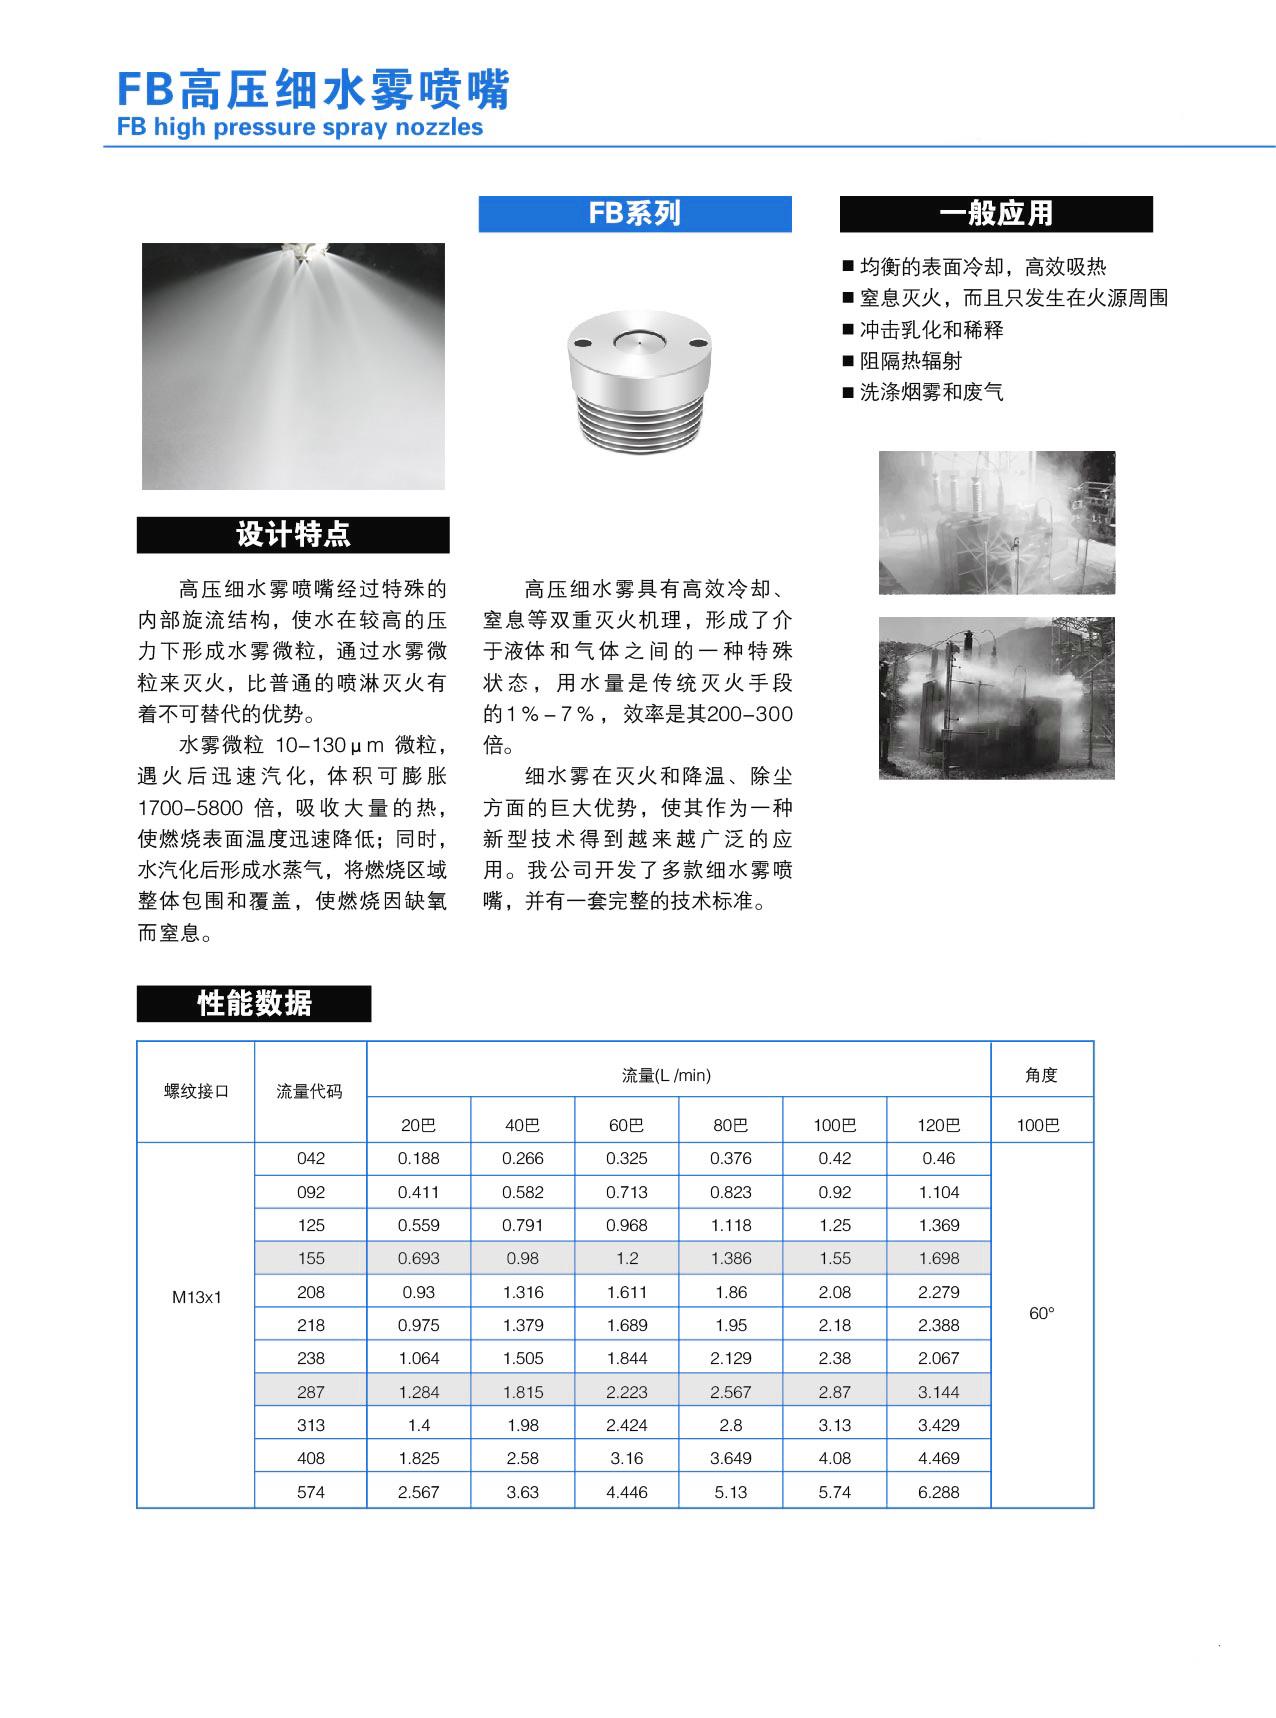 高压细水雾资料1